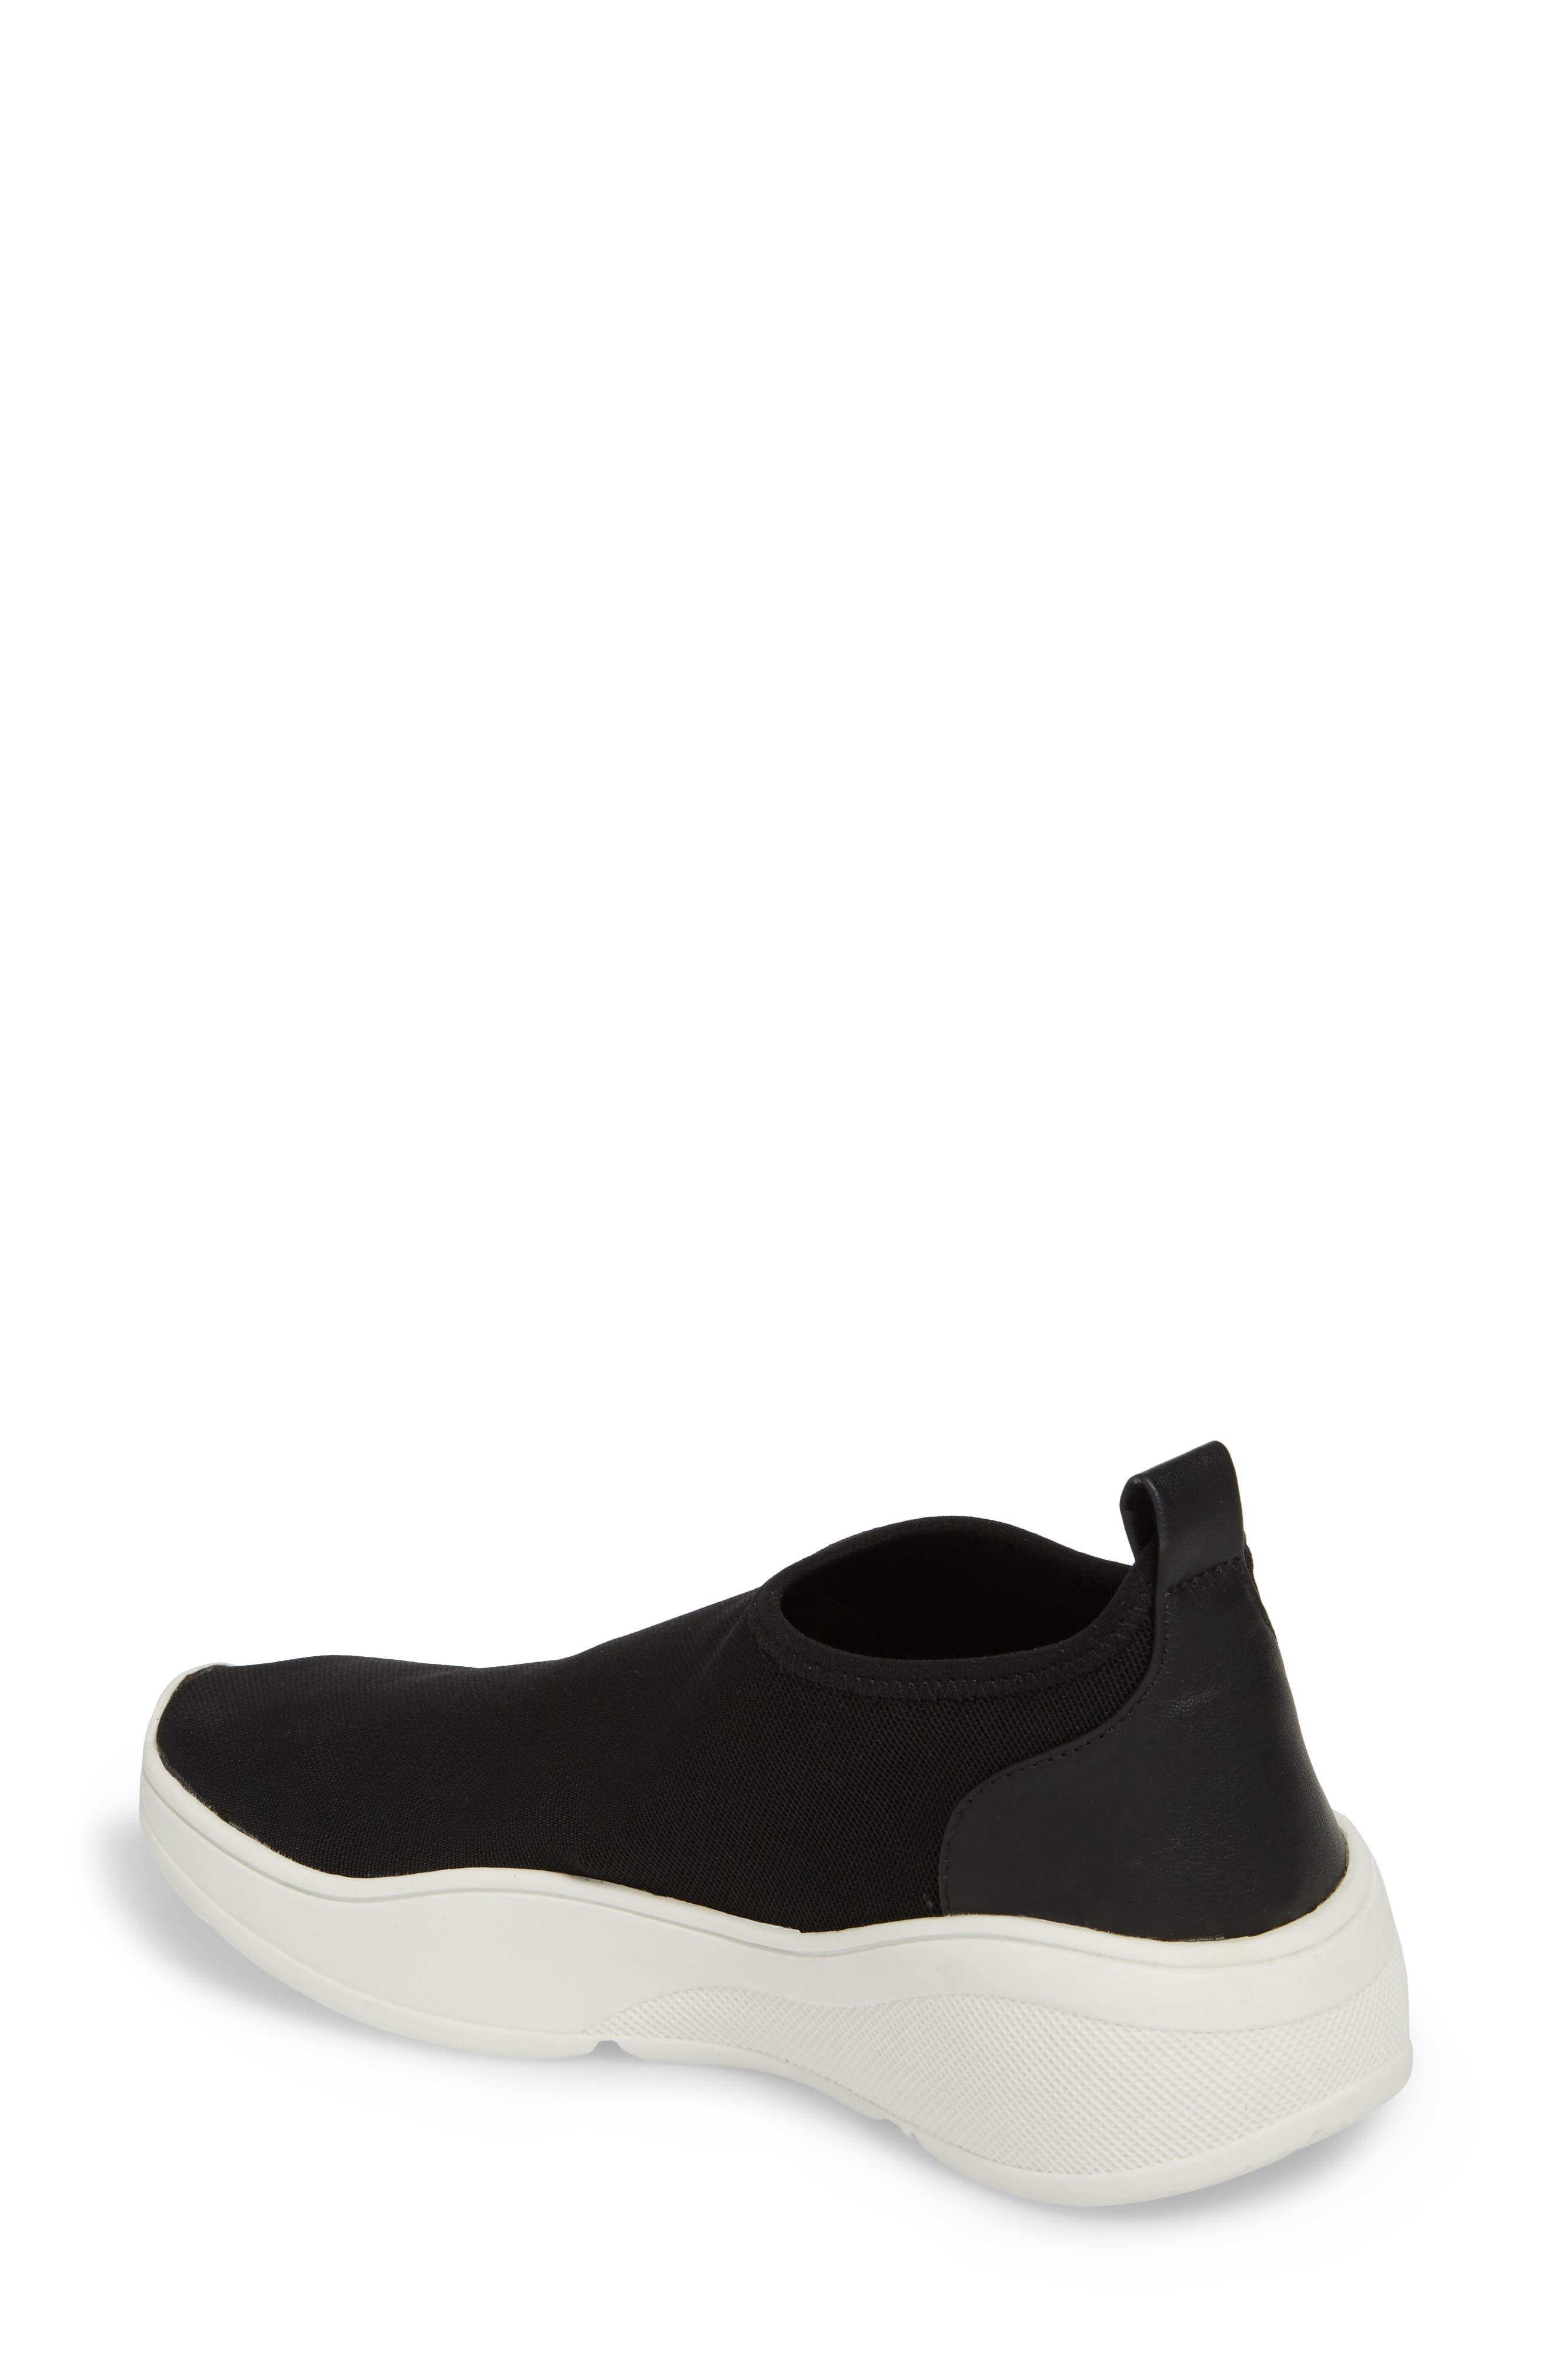 Floren Slip-On Sneaker,                             Alternate thumbnail 2, color,                             001